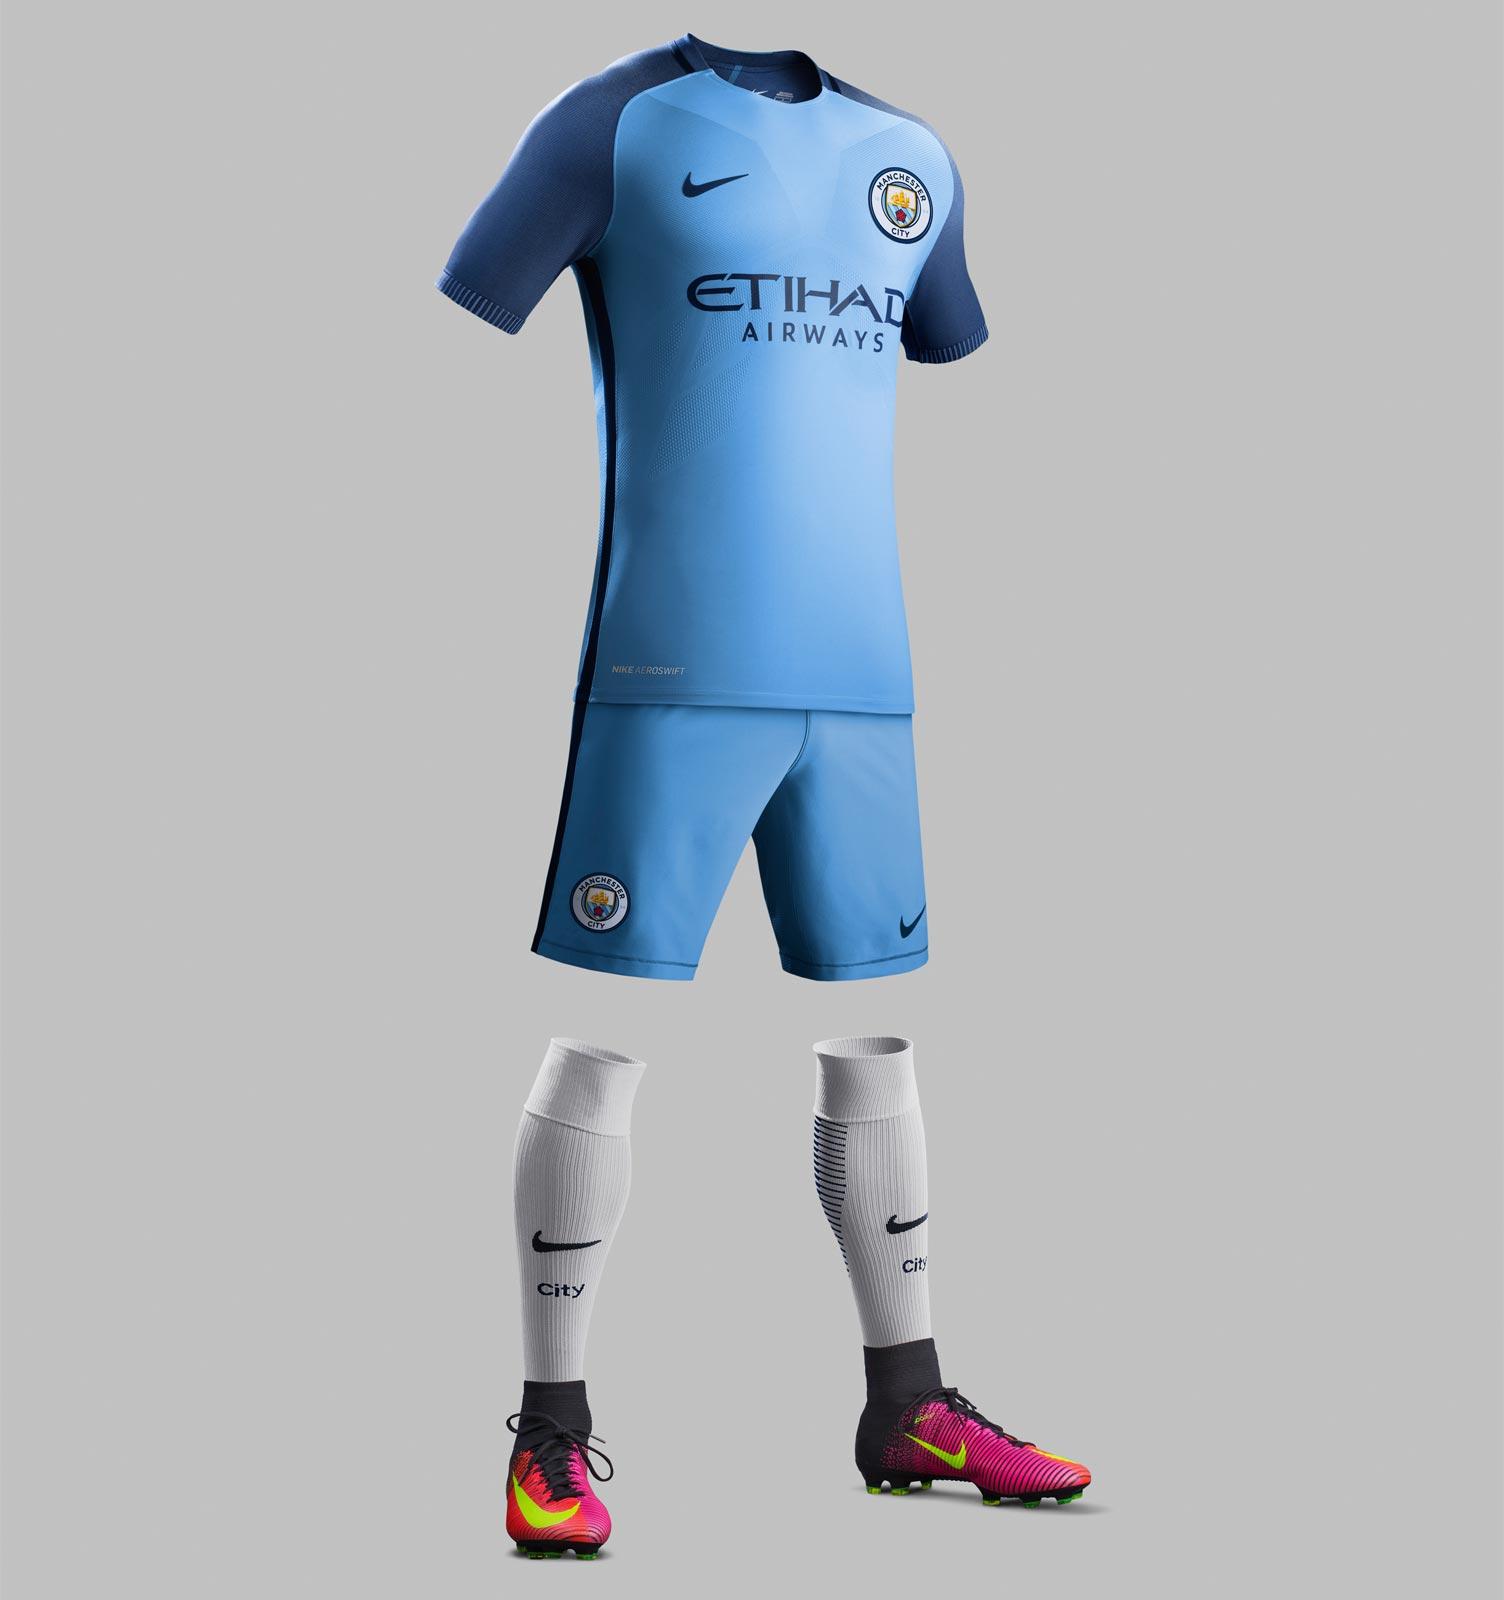 Así es la camiseta del Manchester City 16-17 f78548513b29c